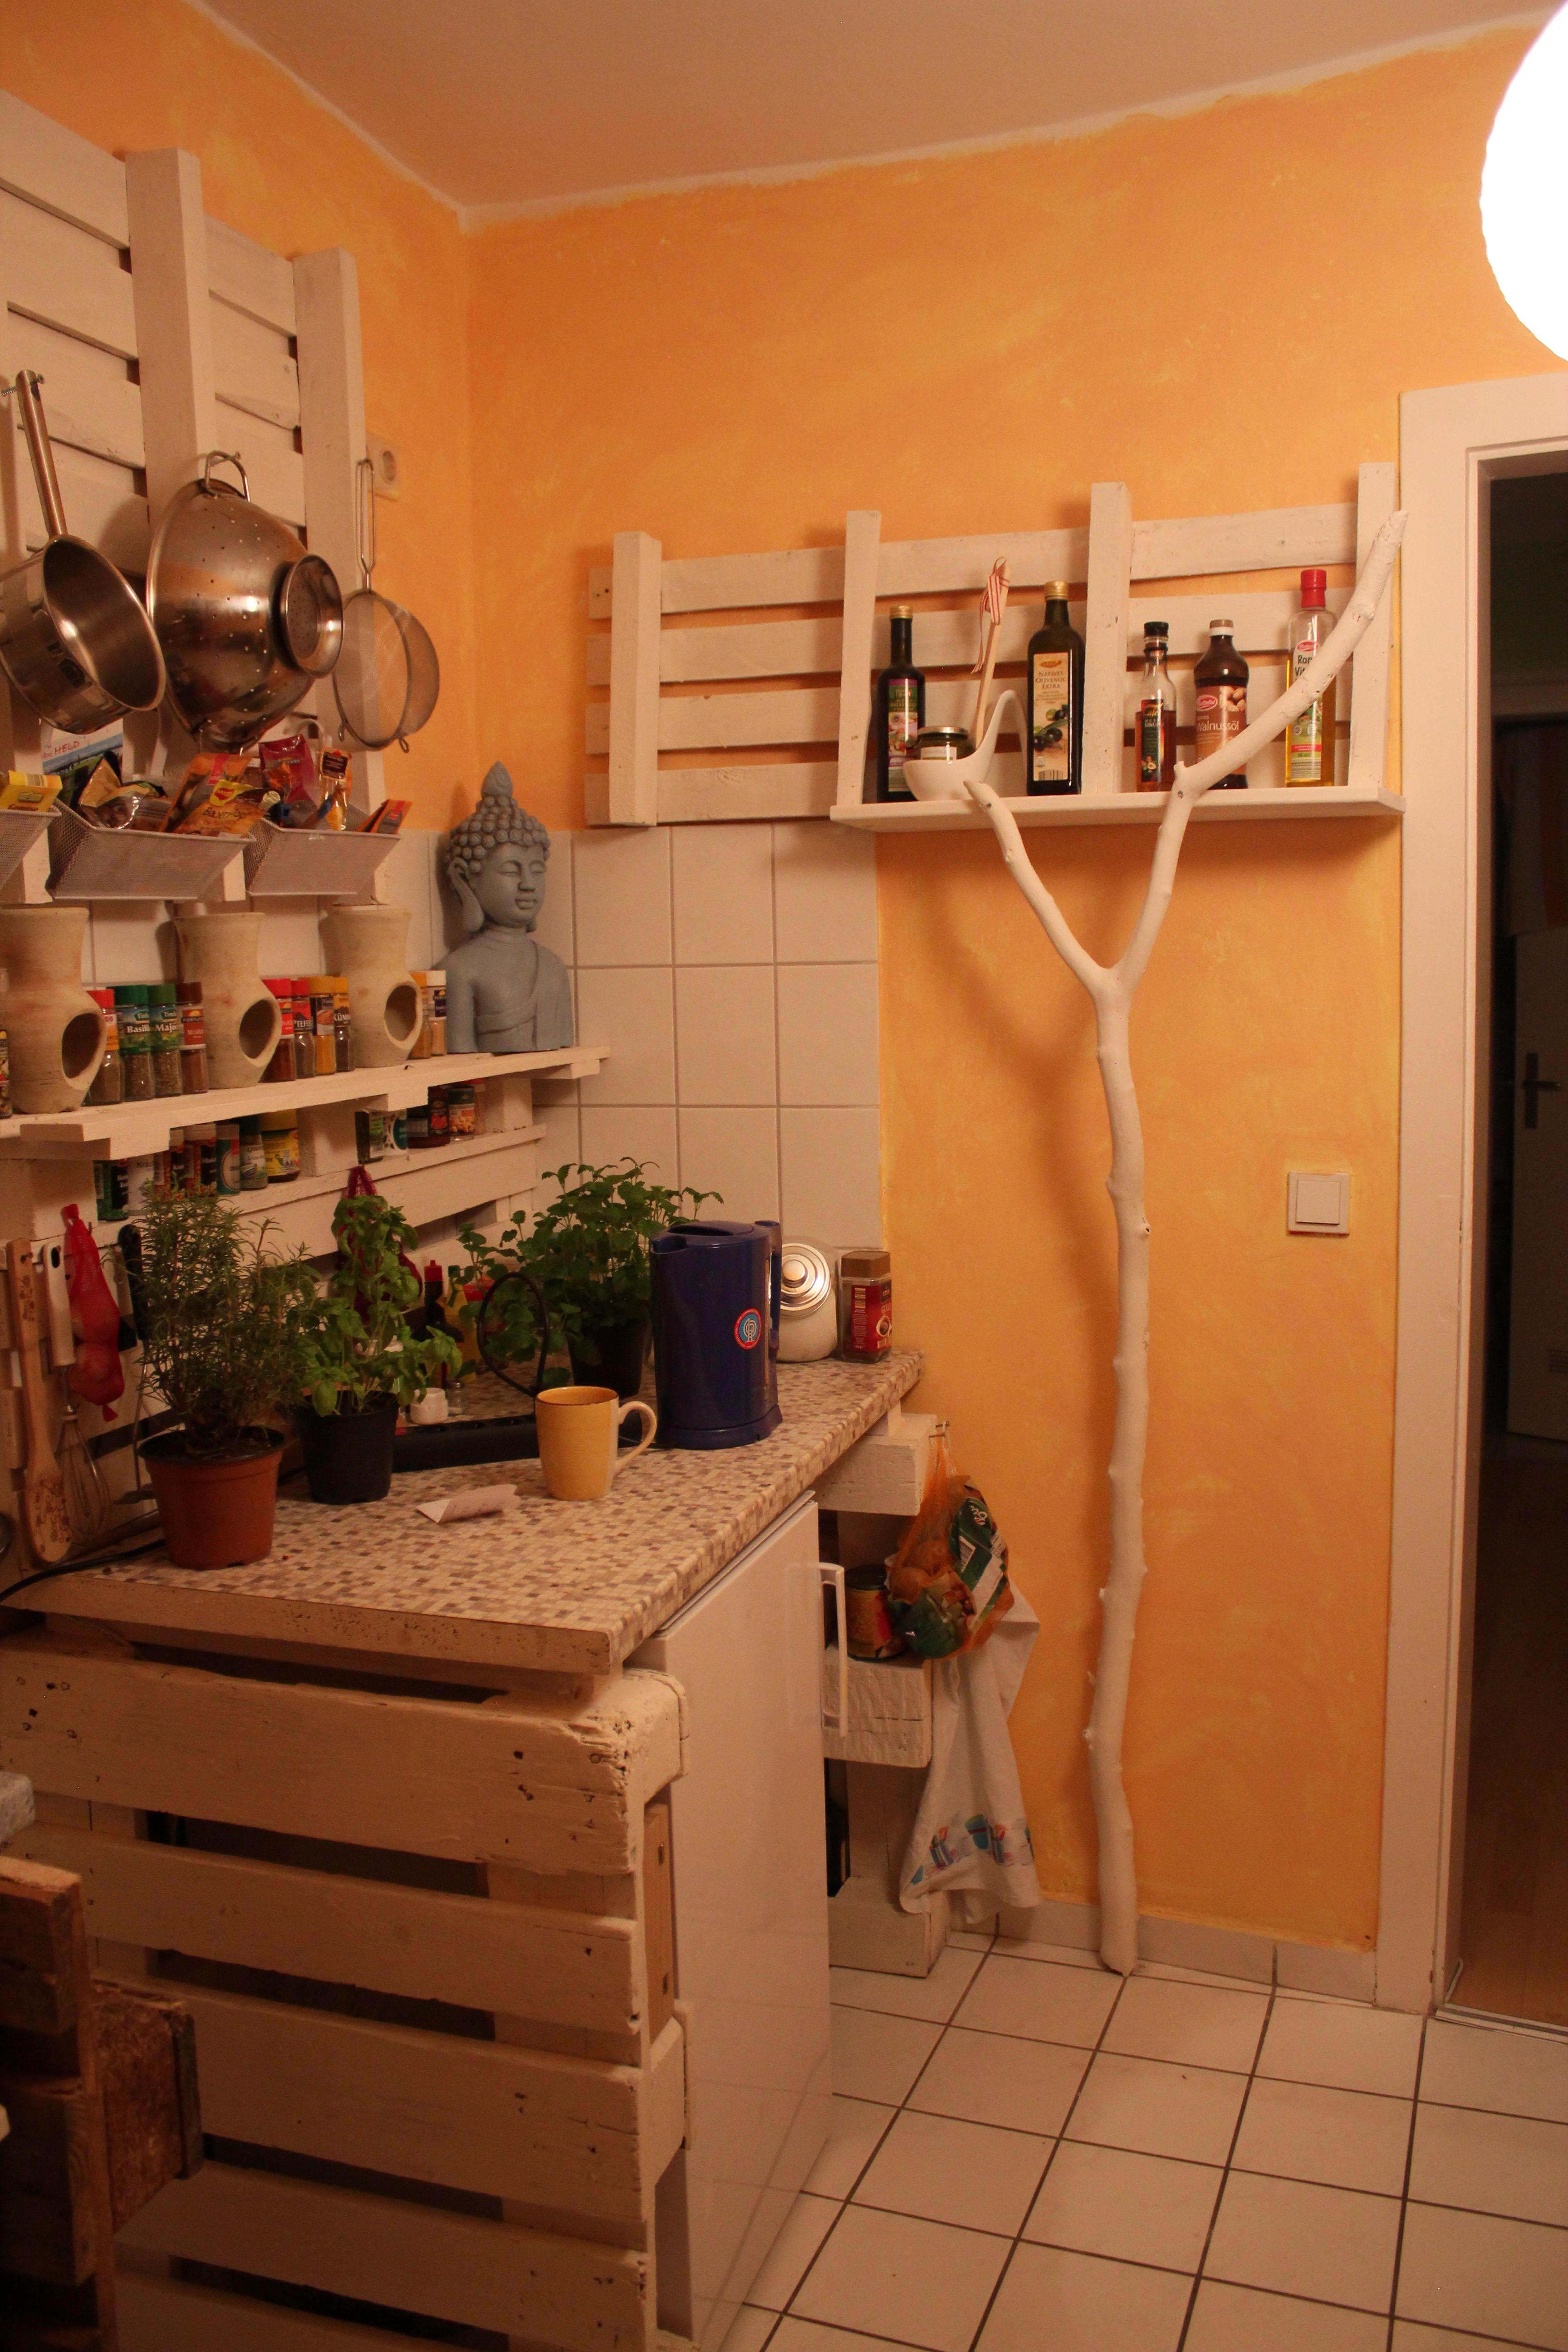 küche. gewürzregal aus gebrauchten paletten | möbelbau mit